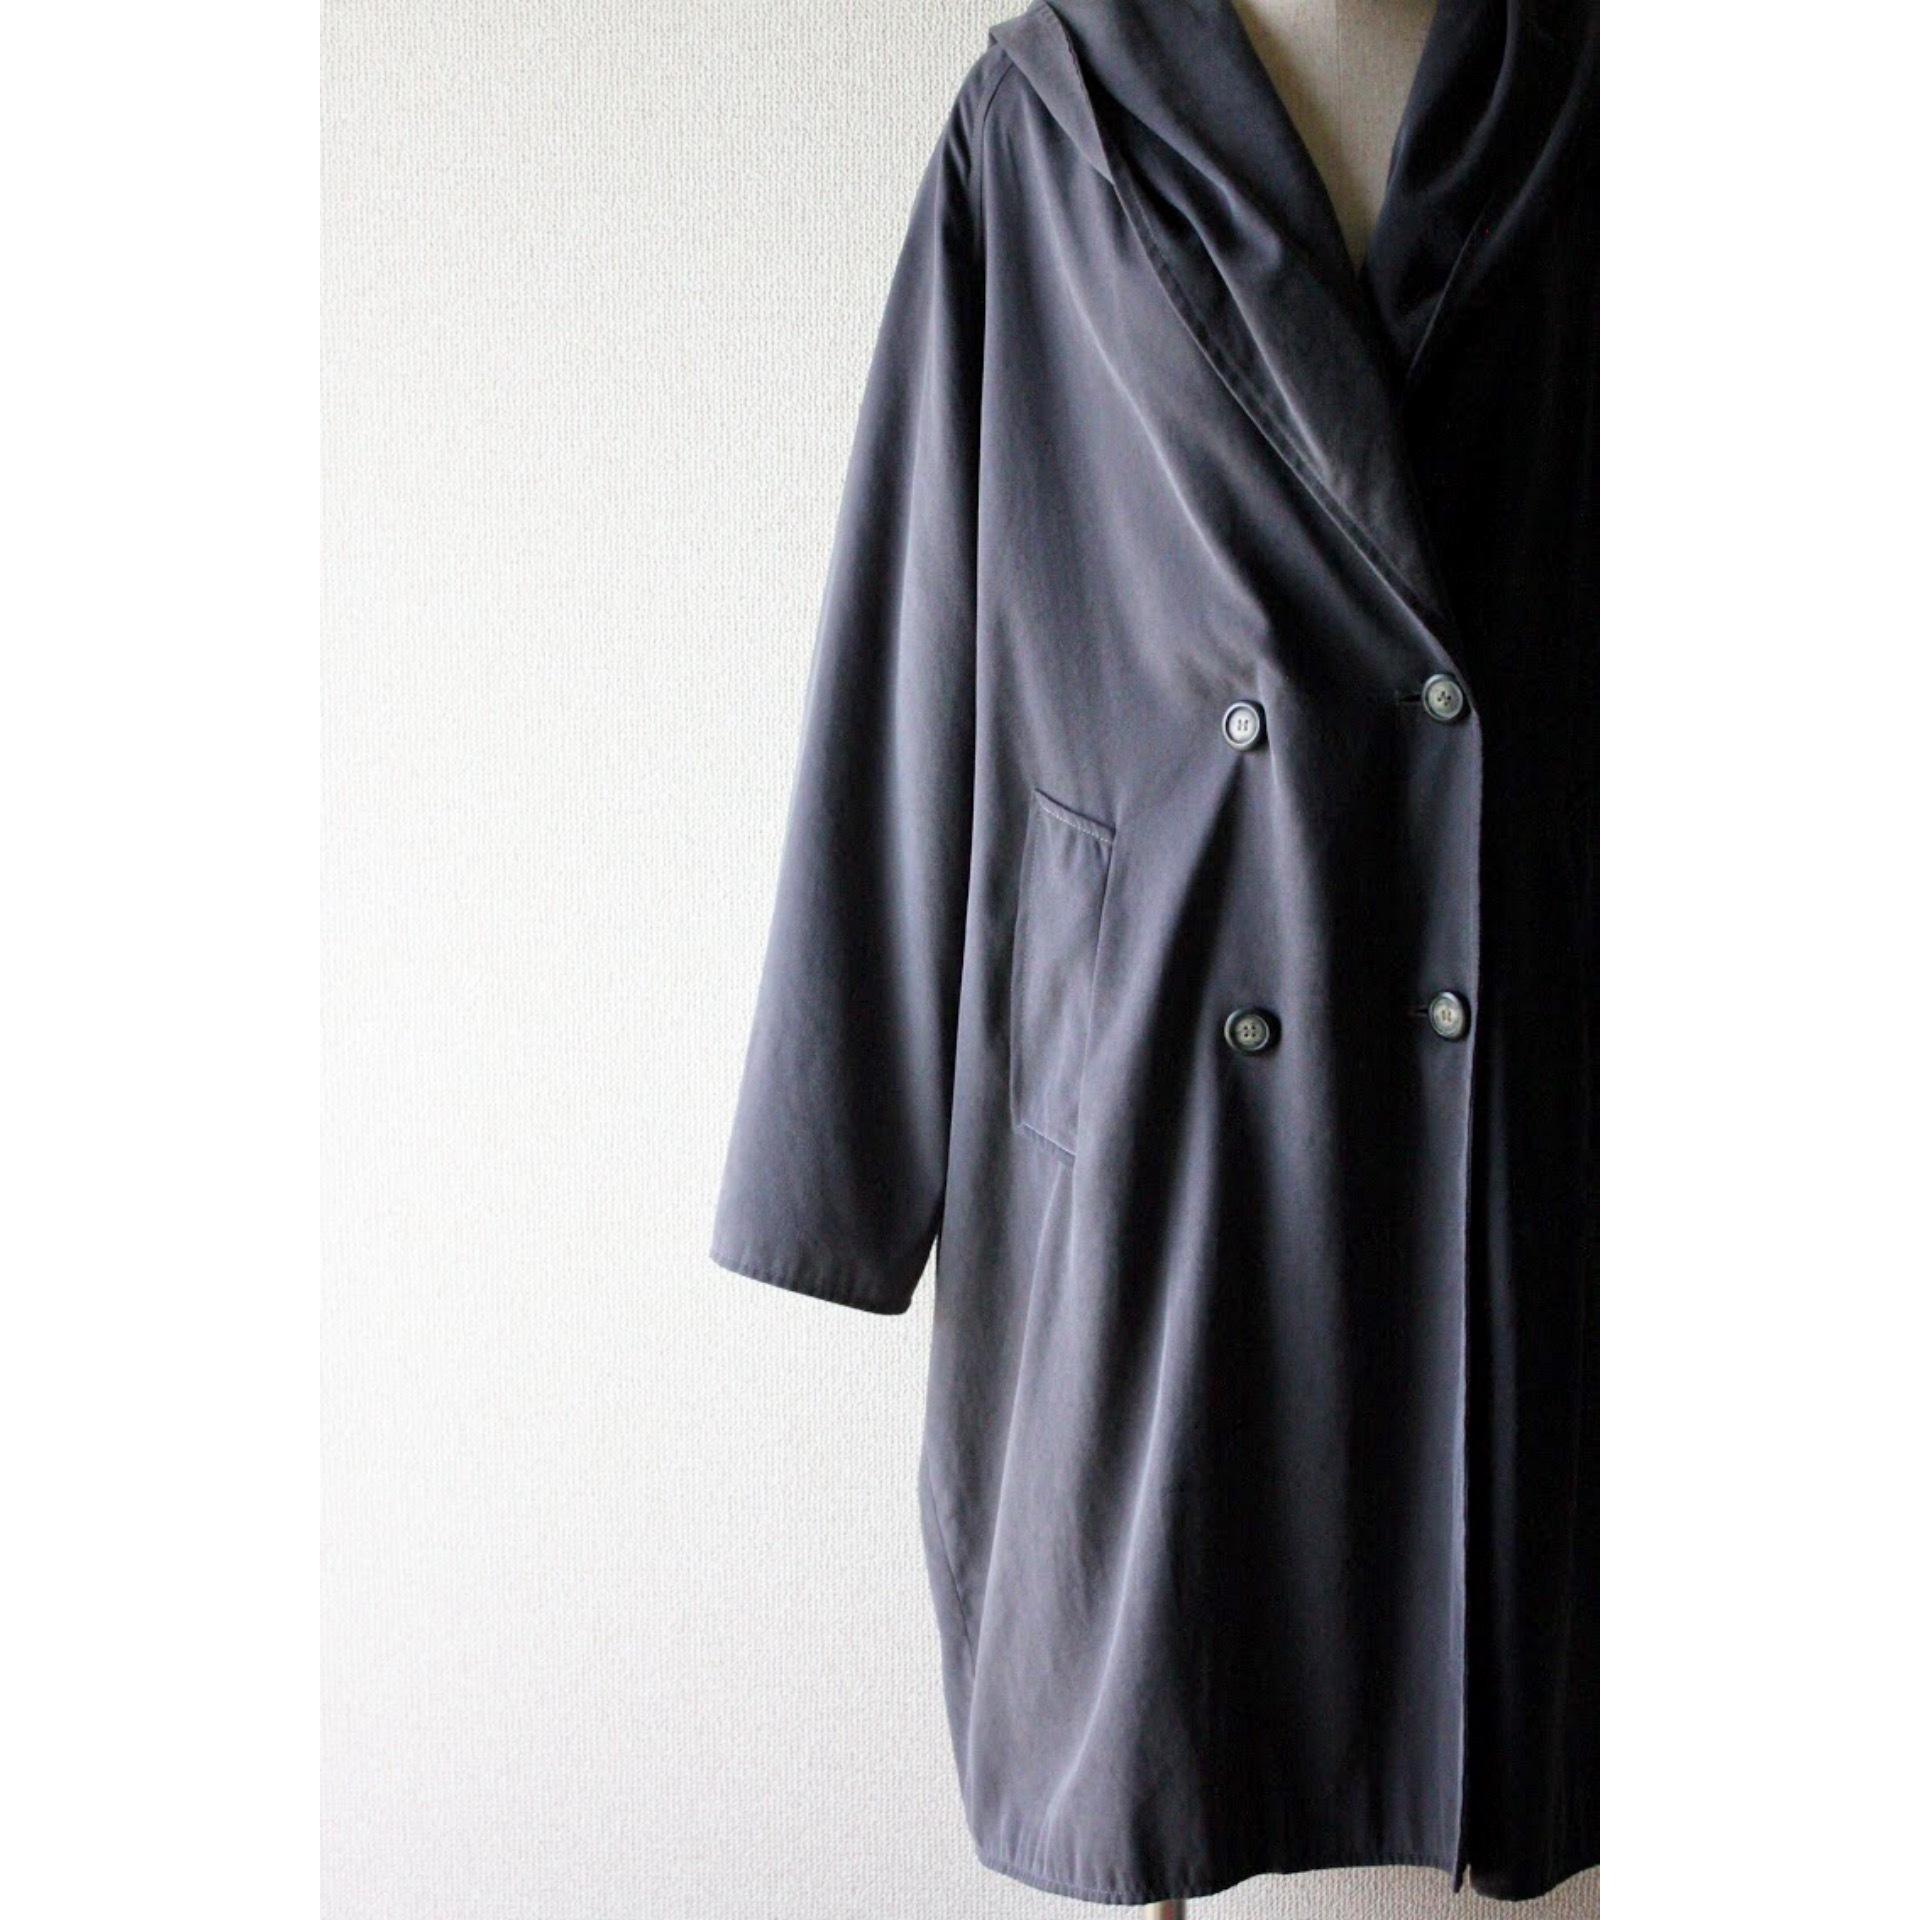 Vintage draped coat by MaxMara